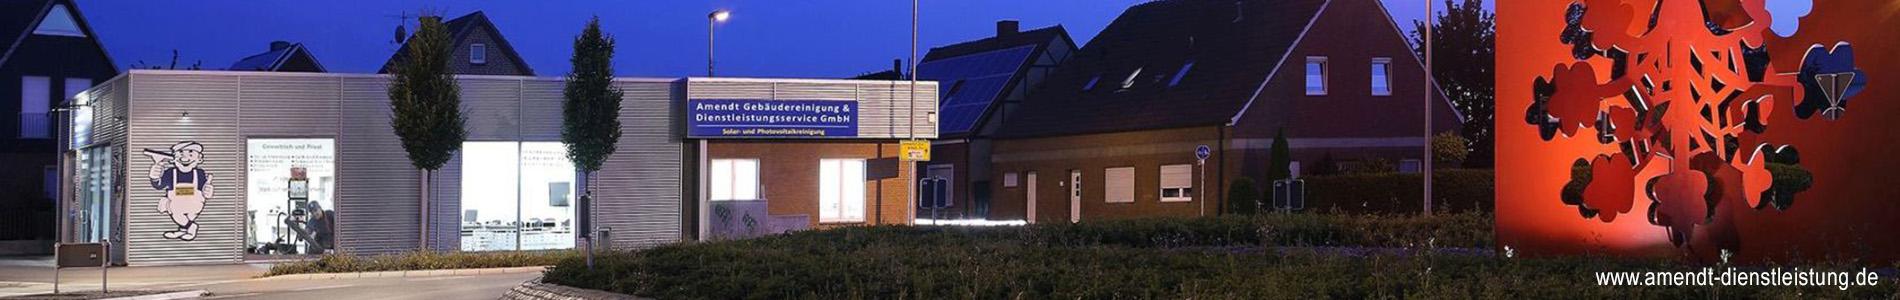 Gebäudereinigung Münster, Amendt Dienstleistungsservice, Firmenzentrale Telgte